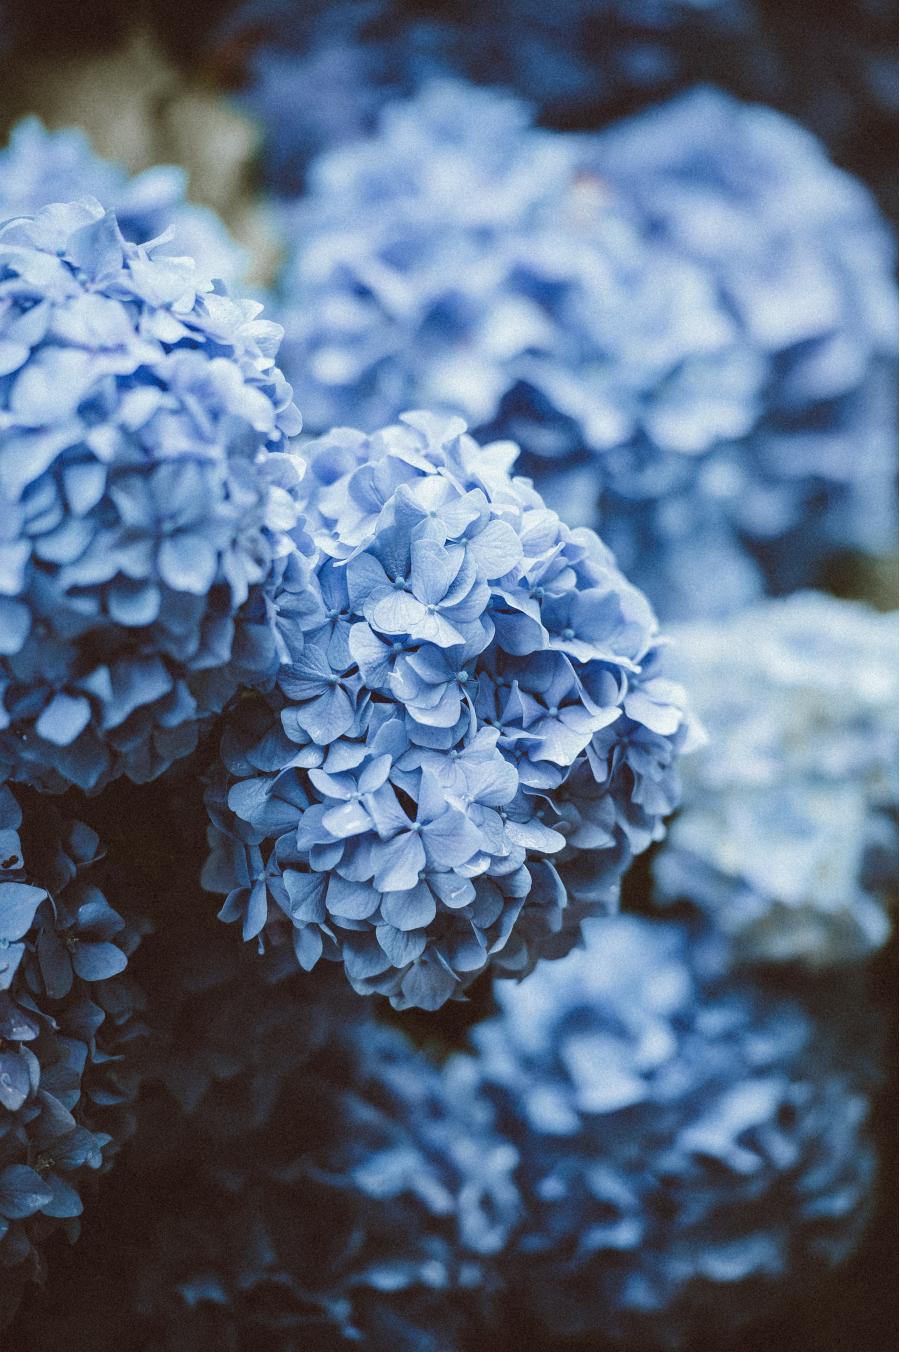 Cele mai frumoase flori din lume, intr-un pictorial de exceptie - Poza 3